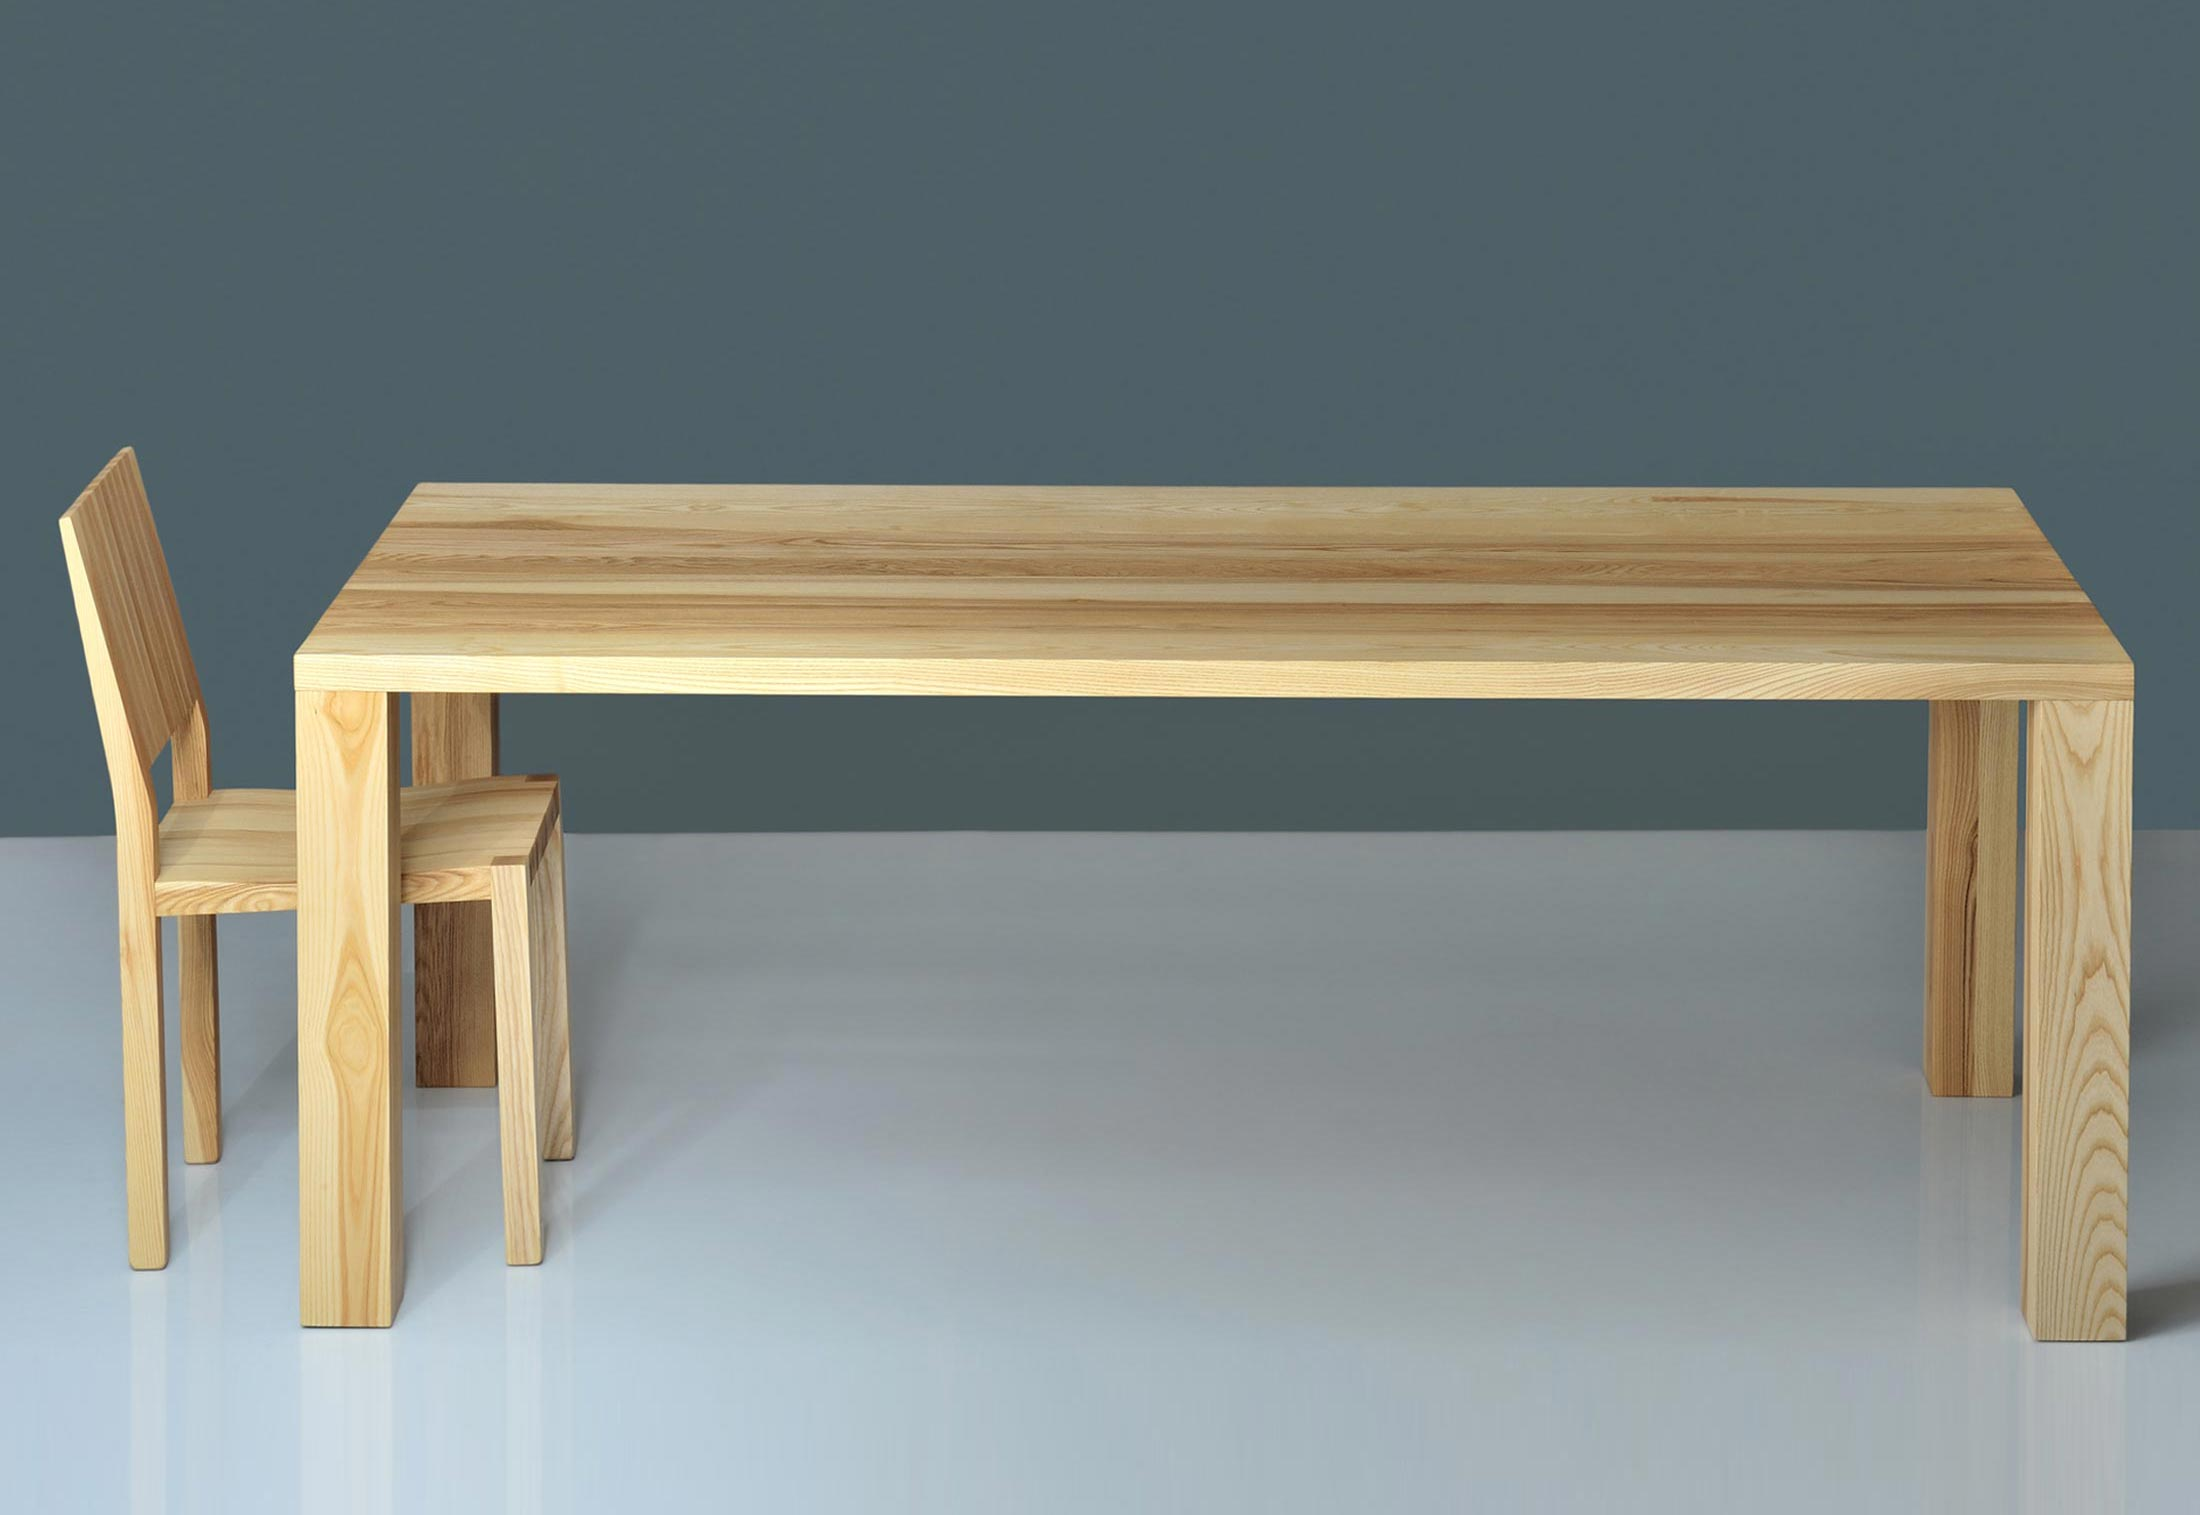 Iustus tisch von vitamin design stylepark for Vitamin design tisch forte